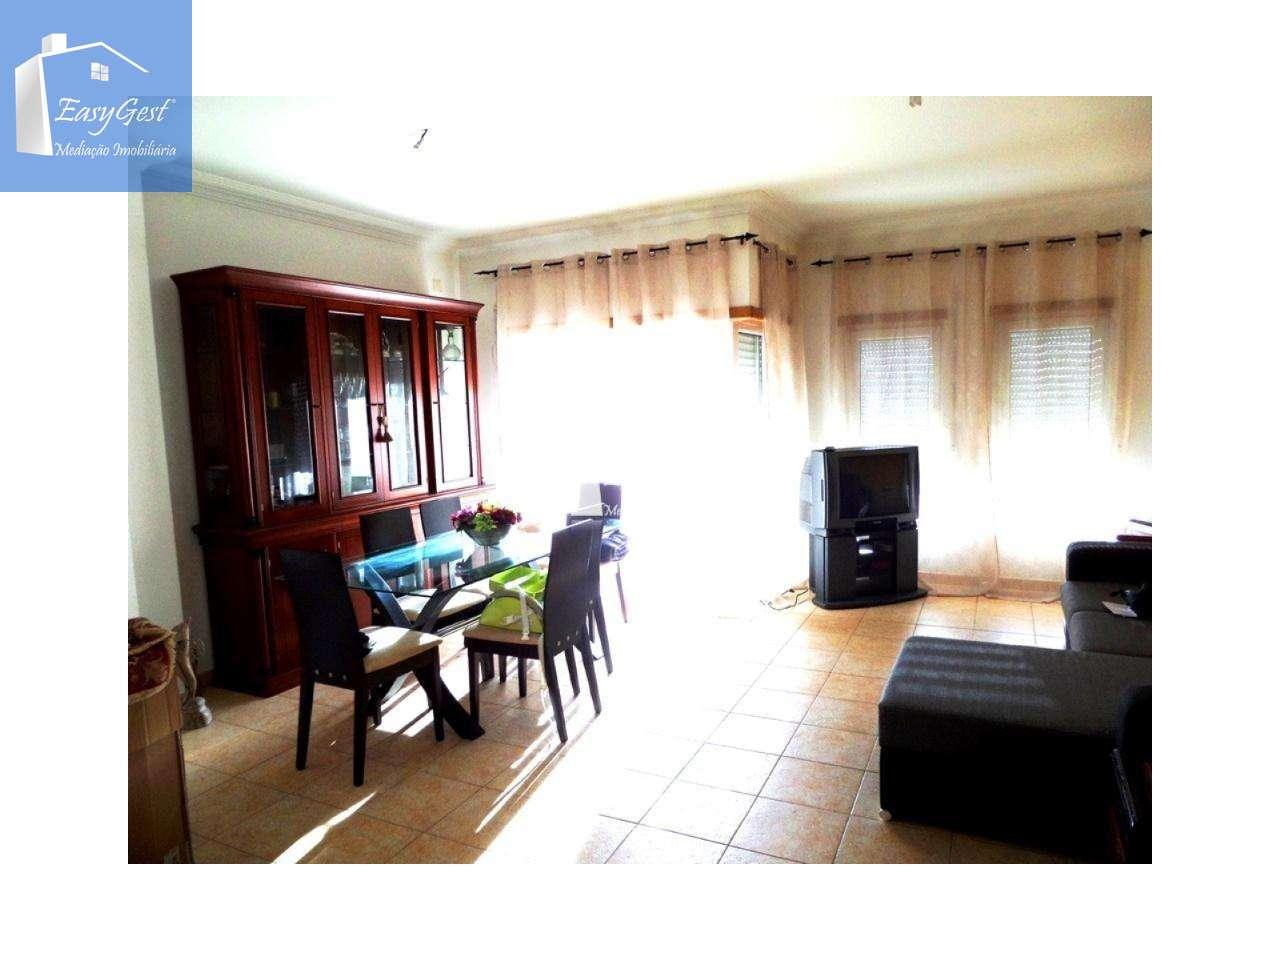 Apartamento para comprar, Caldas da Rainha - Santo Onofre e Serra do Bouro, Caldas da Rainha, Leiria - Foto 7